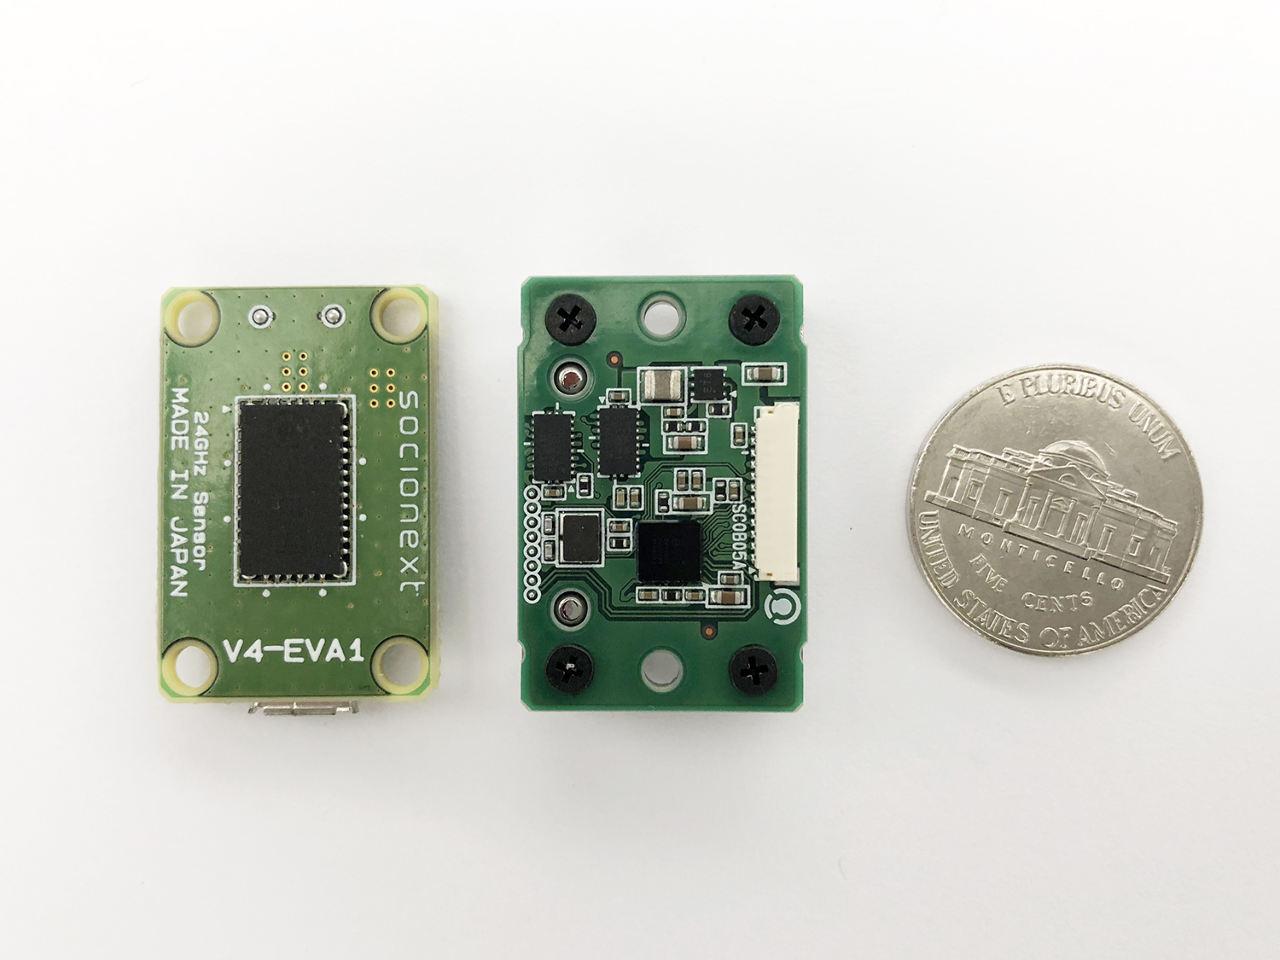 Aurora Flight Sciences et Socionext développent un radar pour drones